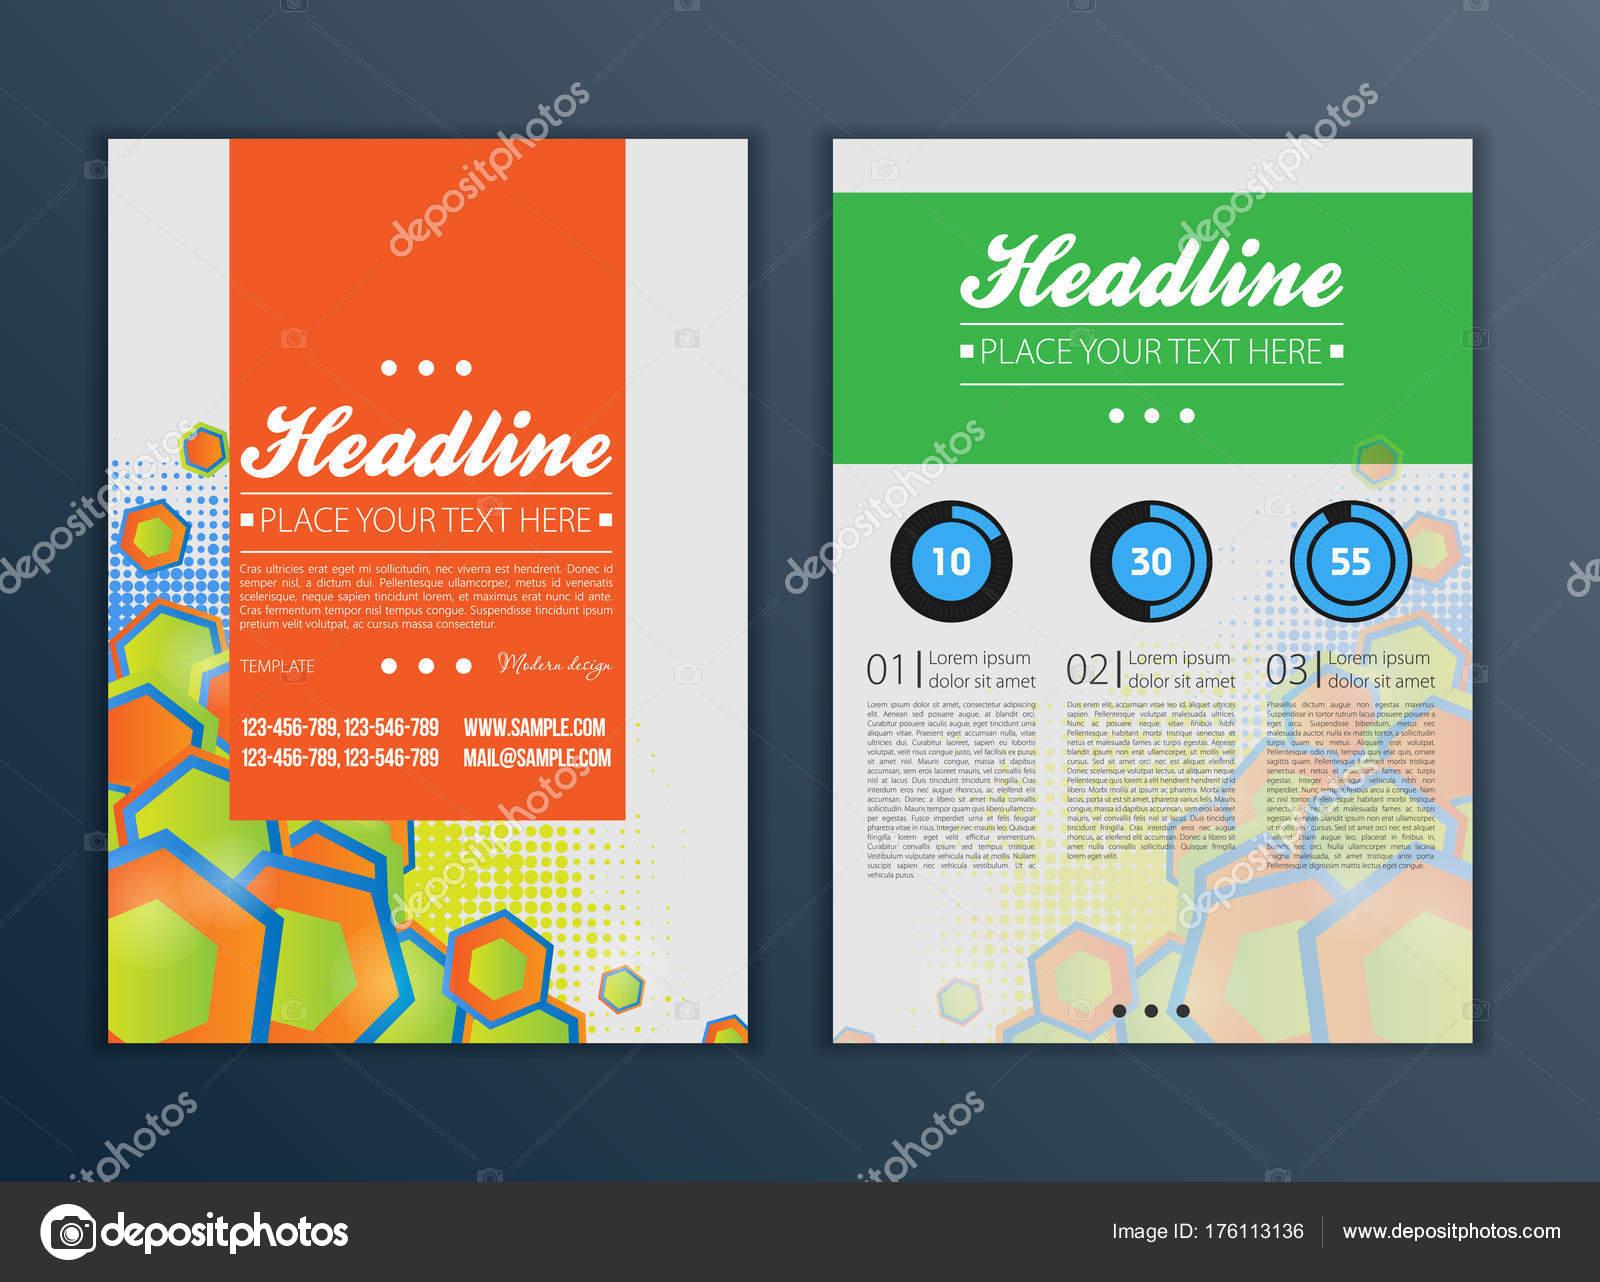 Beste Flyer Beispiele Vorlagen Bilder - Beispielzusammenfassung ...